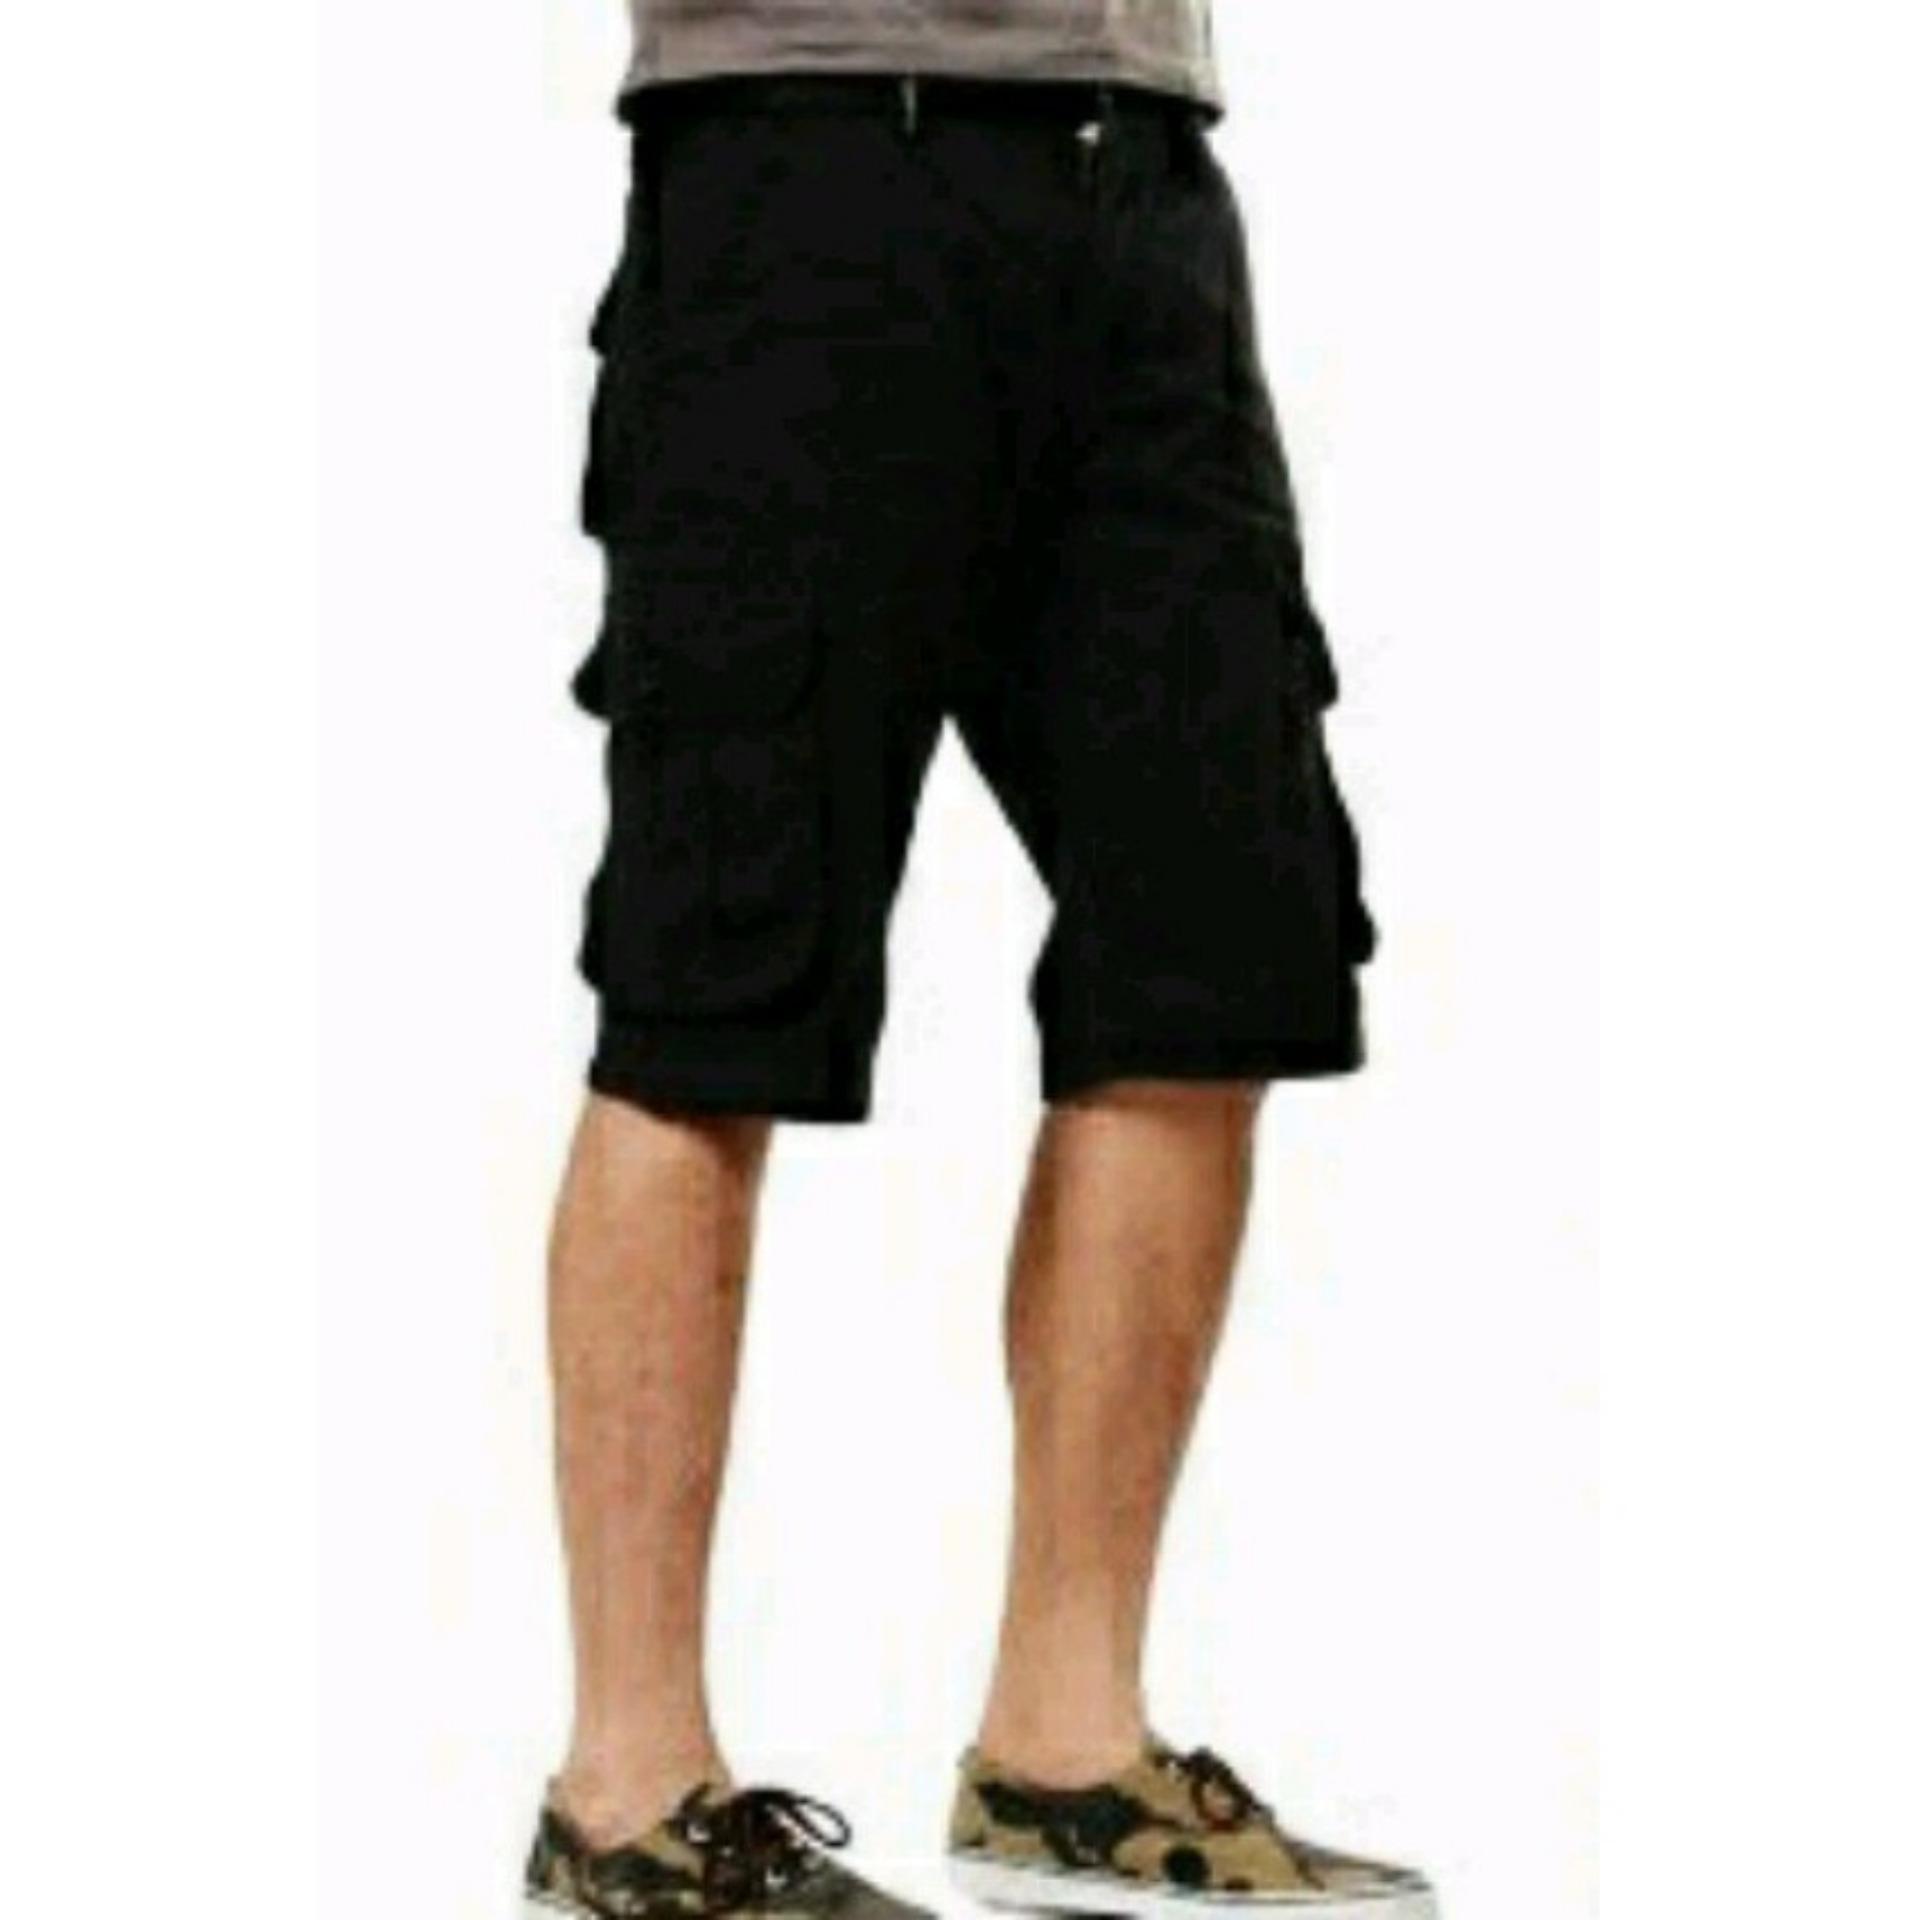 Cek Harga Baru Sleepwalking Celana Cargo Pria Pendek Bahan Premium Jeans Bioblitz Hitam